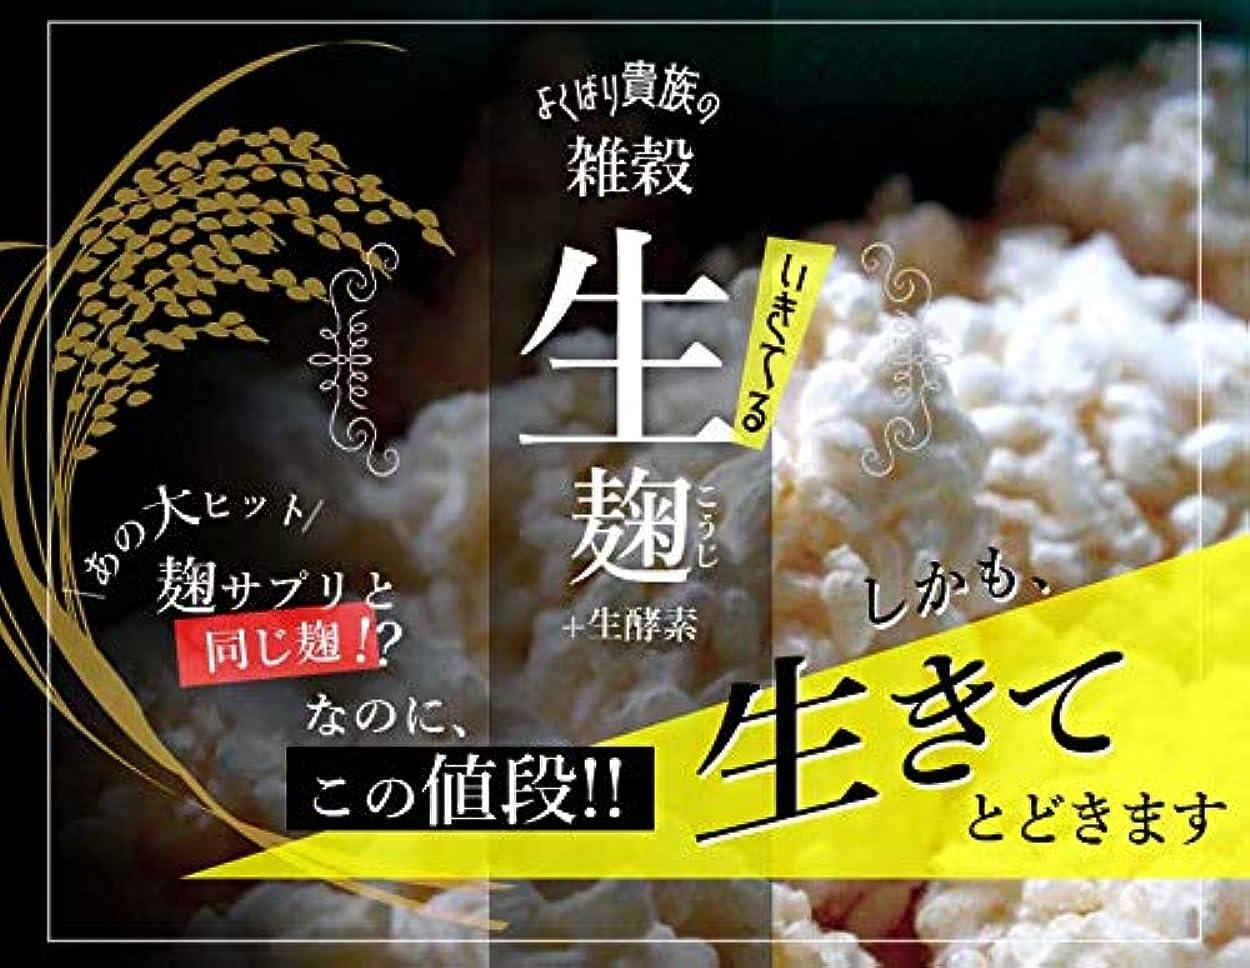 松の木骨折ストライク「よくばり貴族の雑穀生麹+生酵素」2か月分